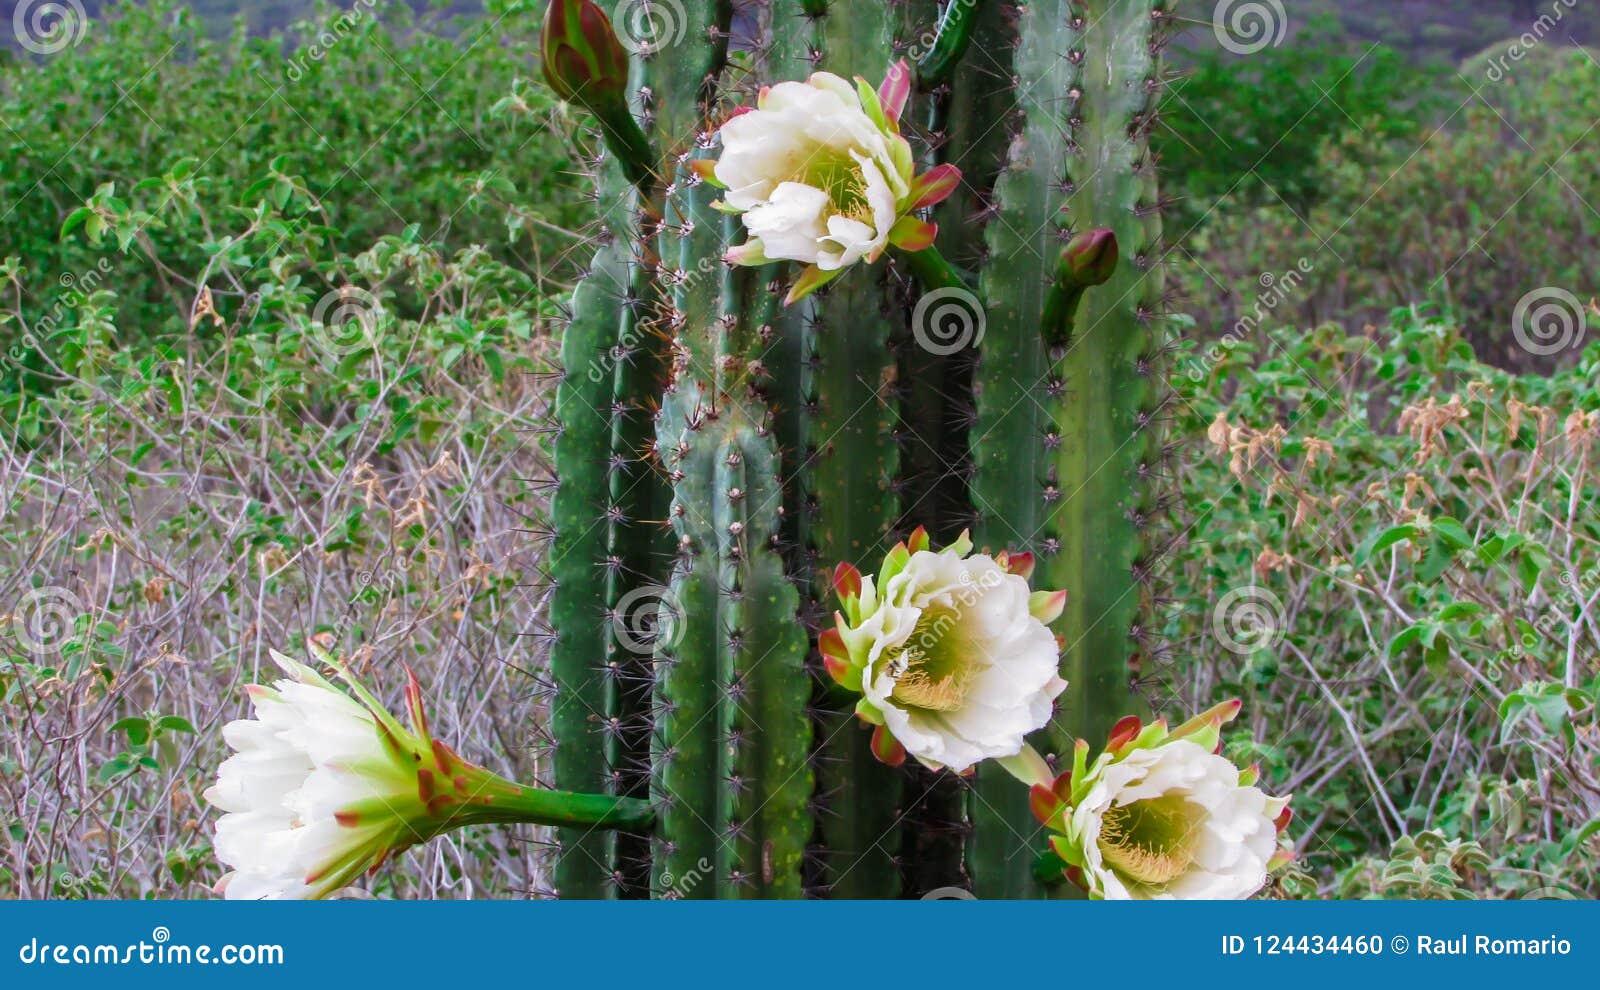 Cactus De Mandacaru Avec Sa Belle Fleur Blanche Qui S Ouvre